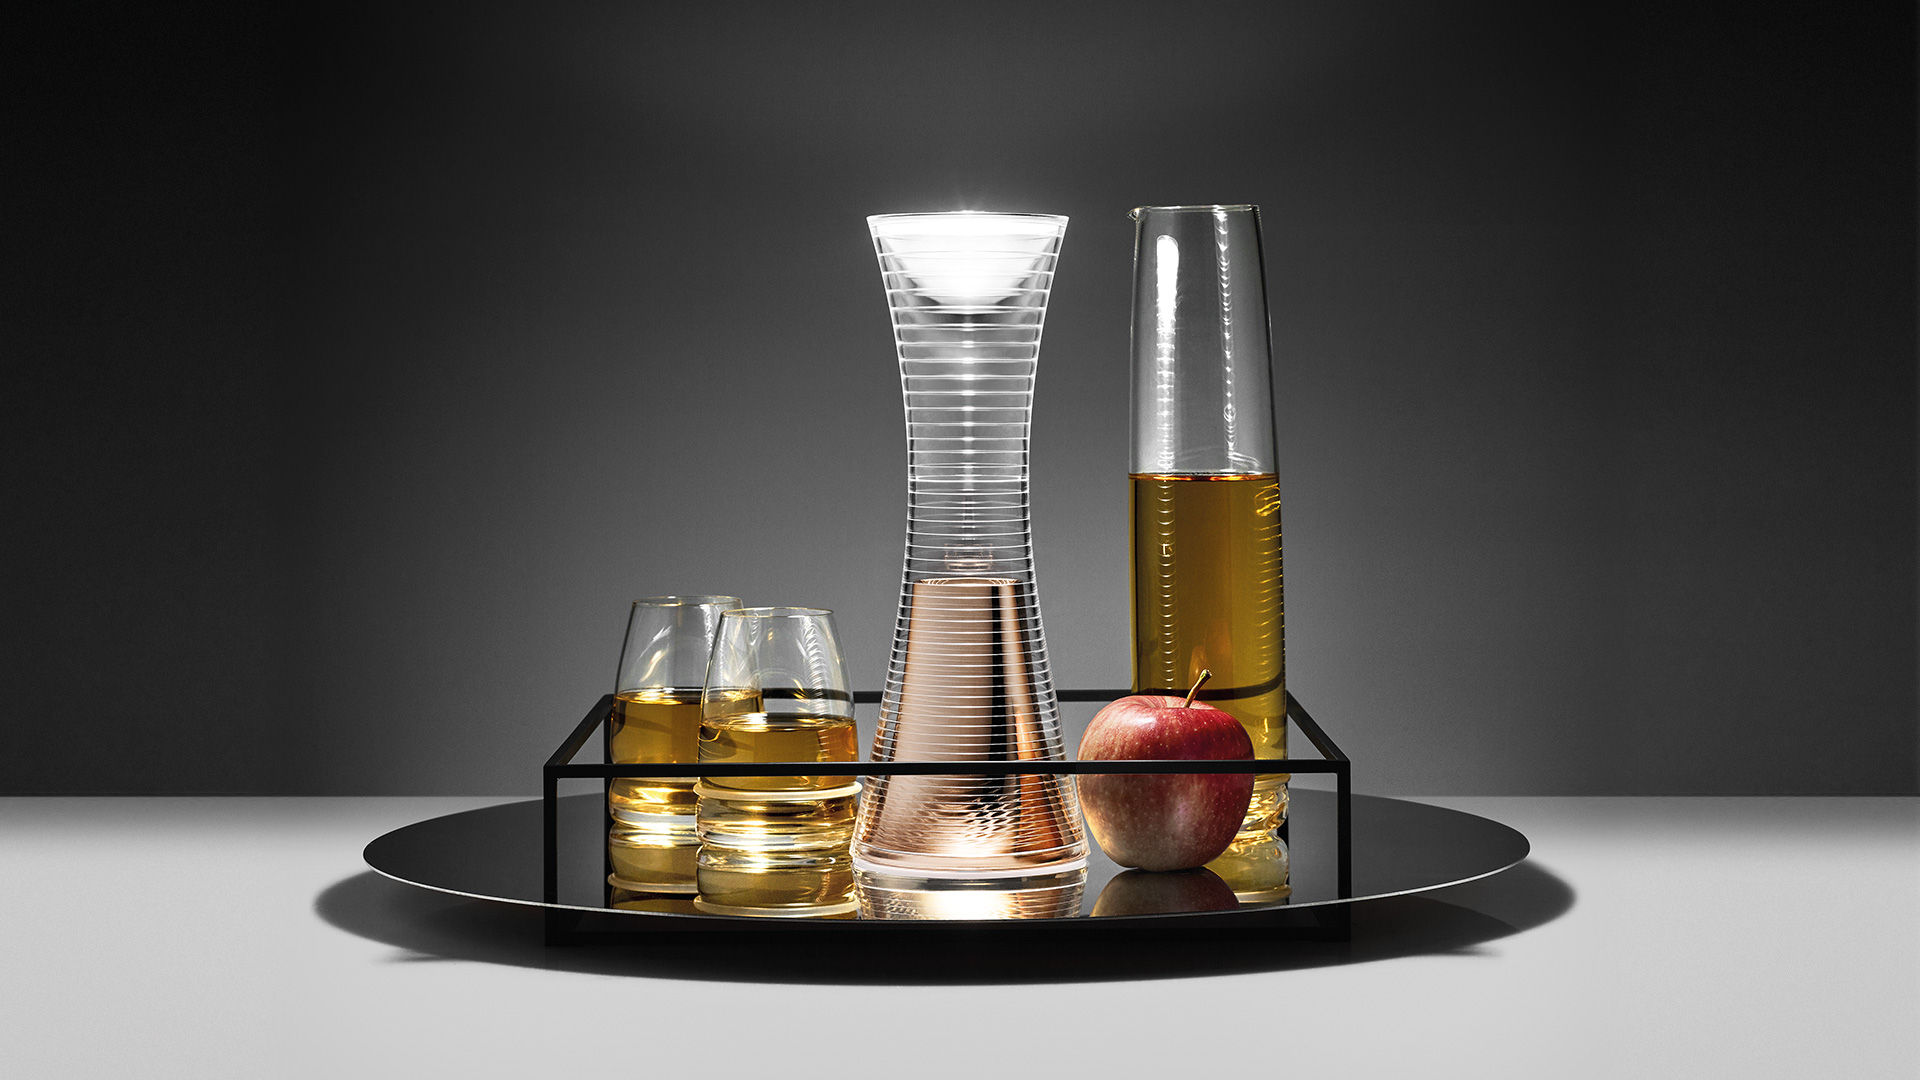 lampe ohne kabel come together von artemide wei. Black Bedroom Furniture Sets. Home Design Ideas